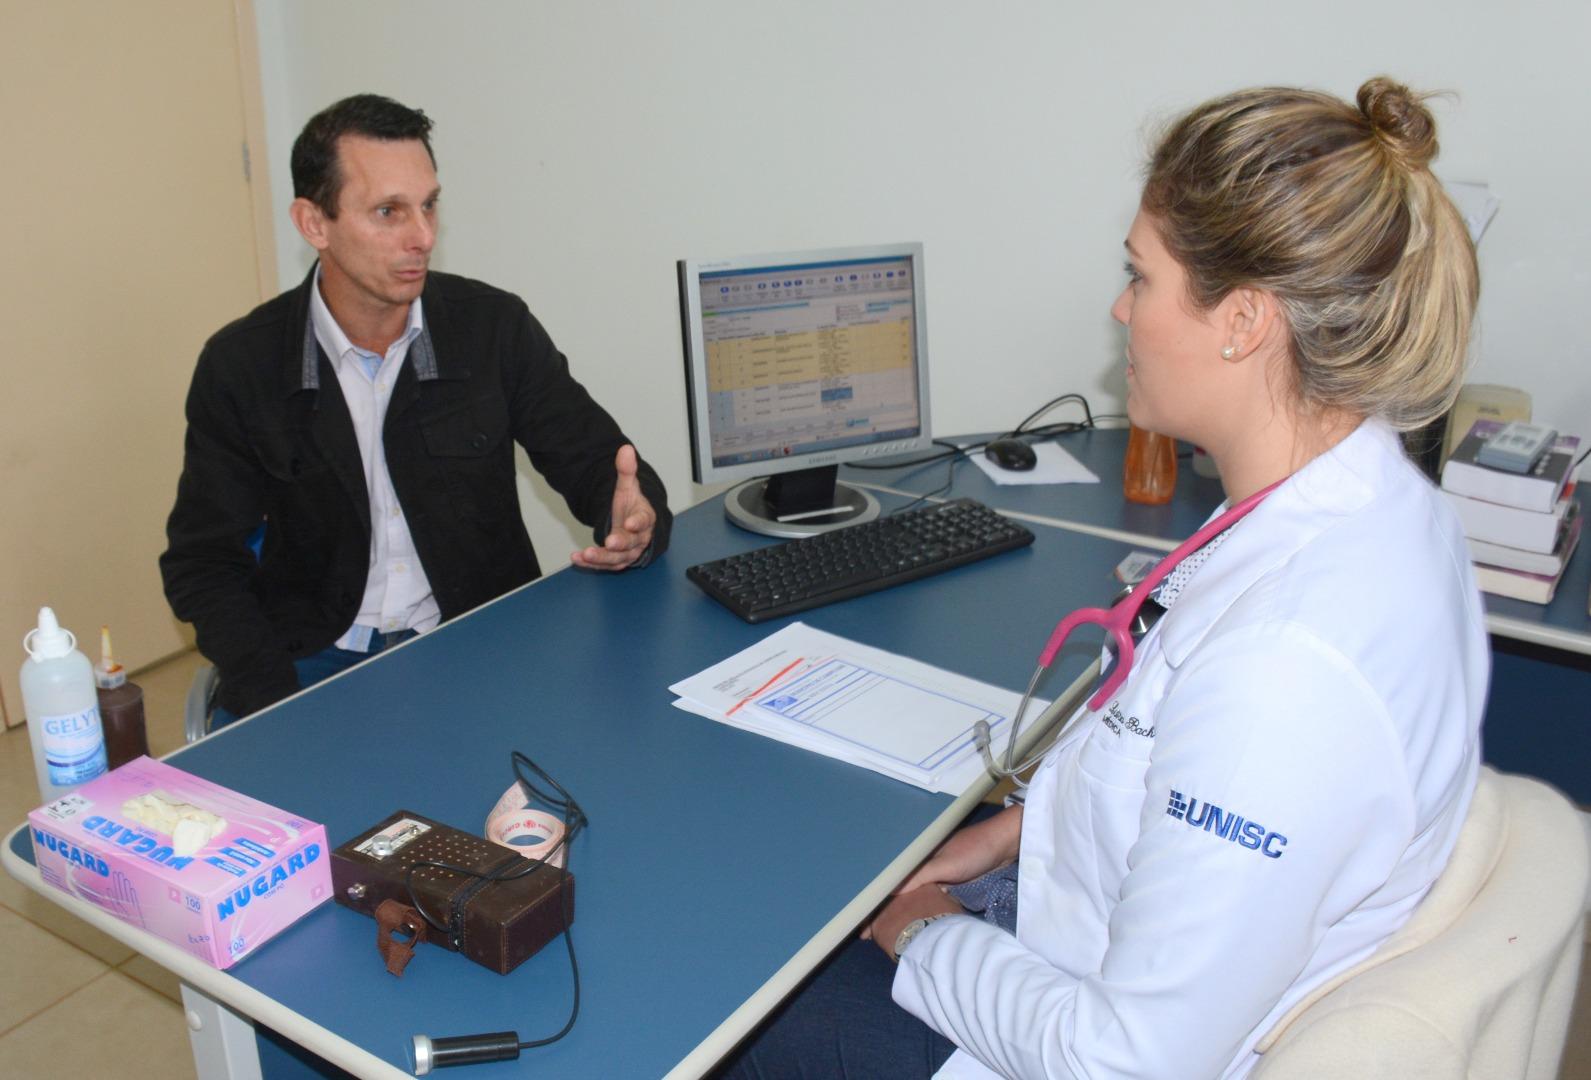 Saúde faz mais de 18 mil consultas médicas neste ano